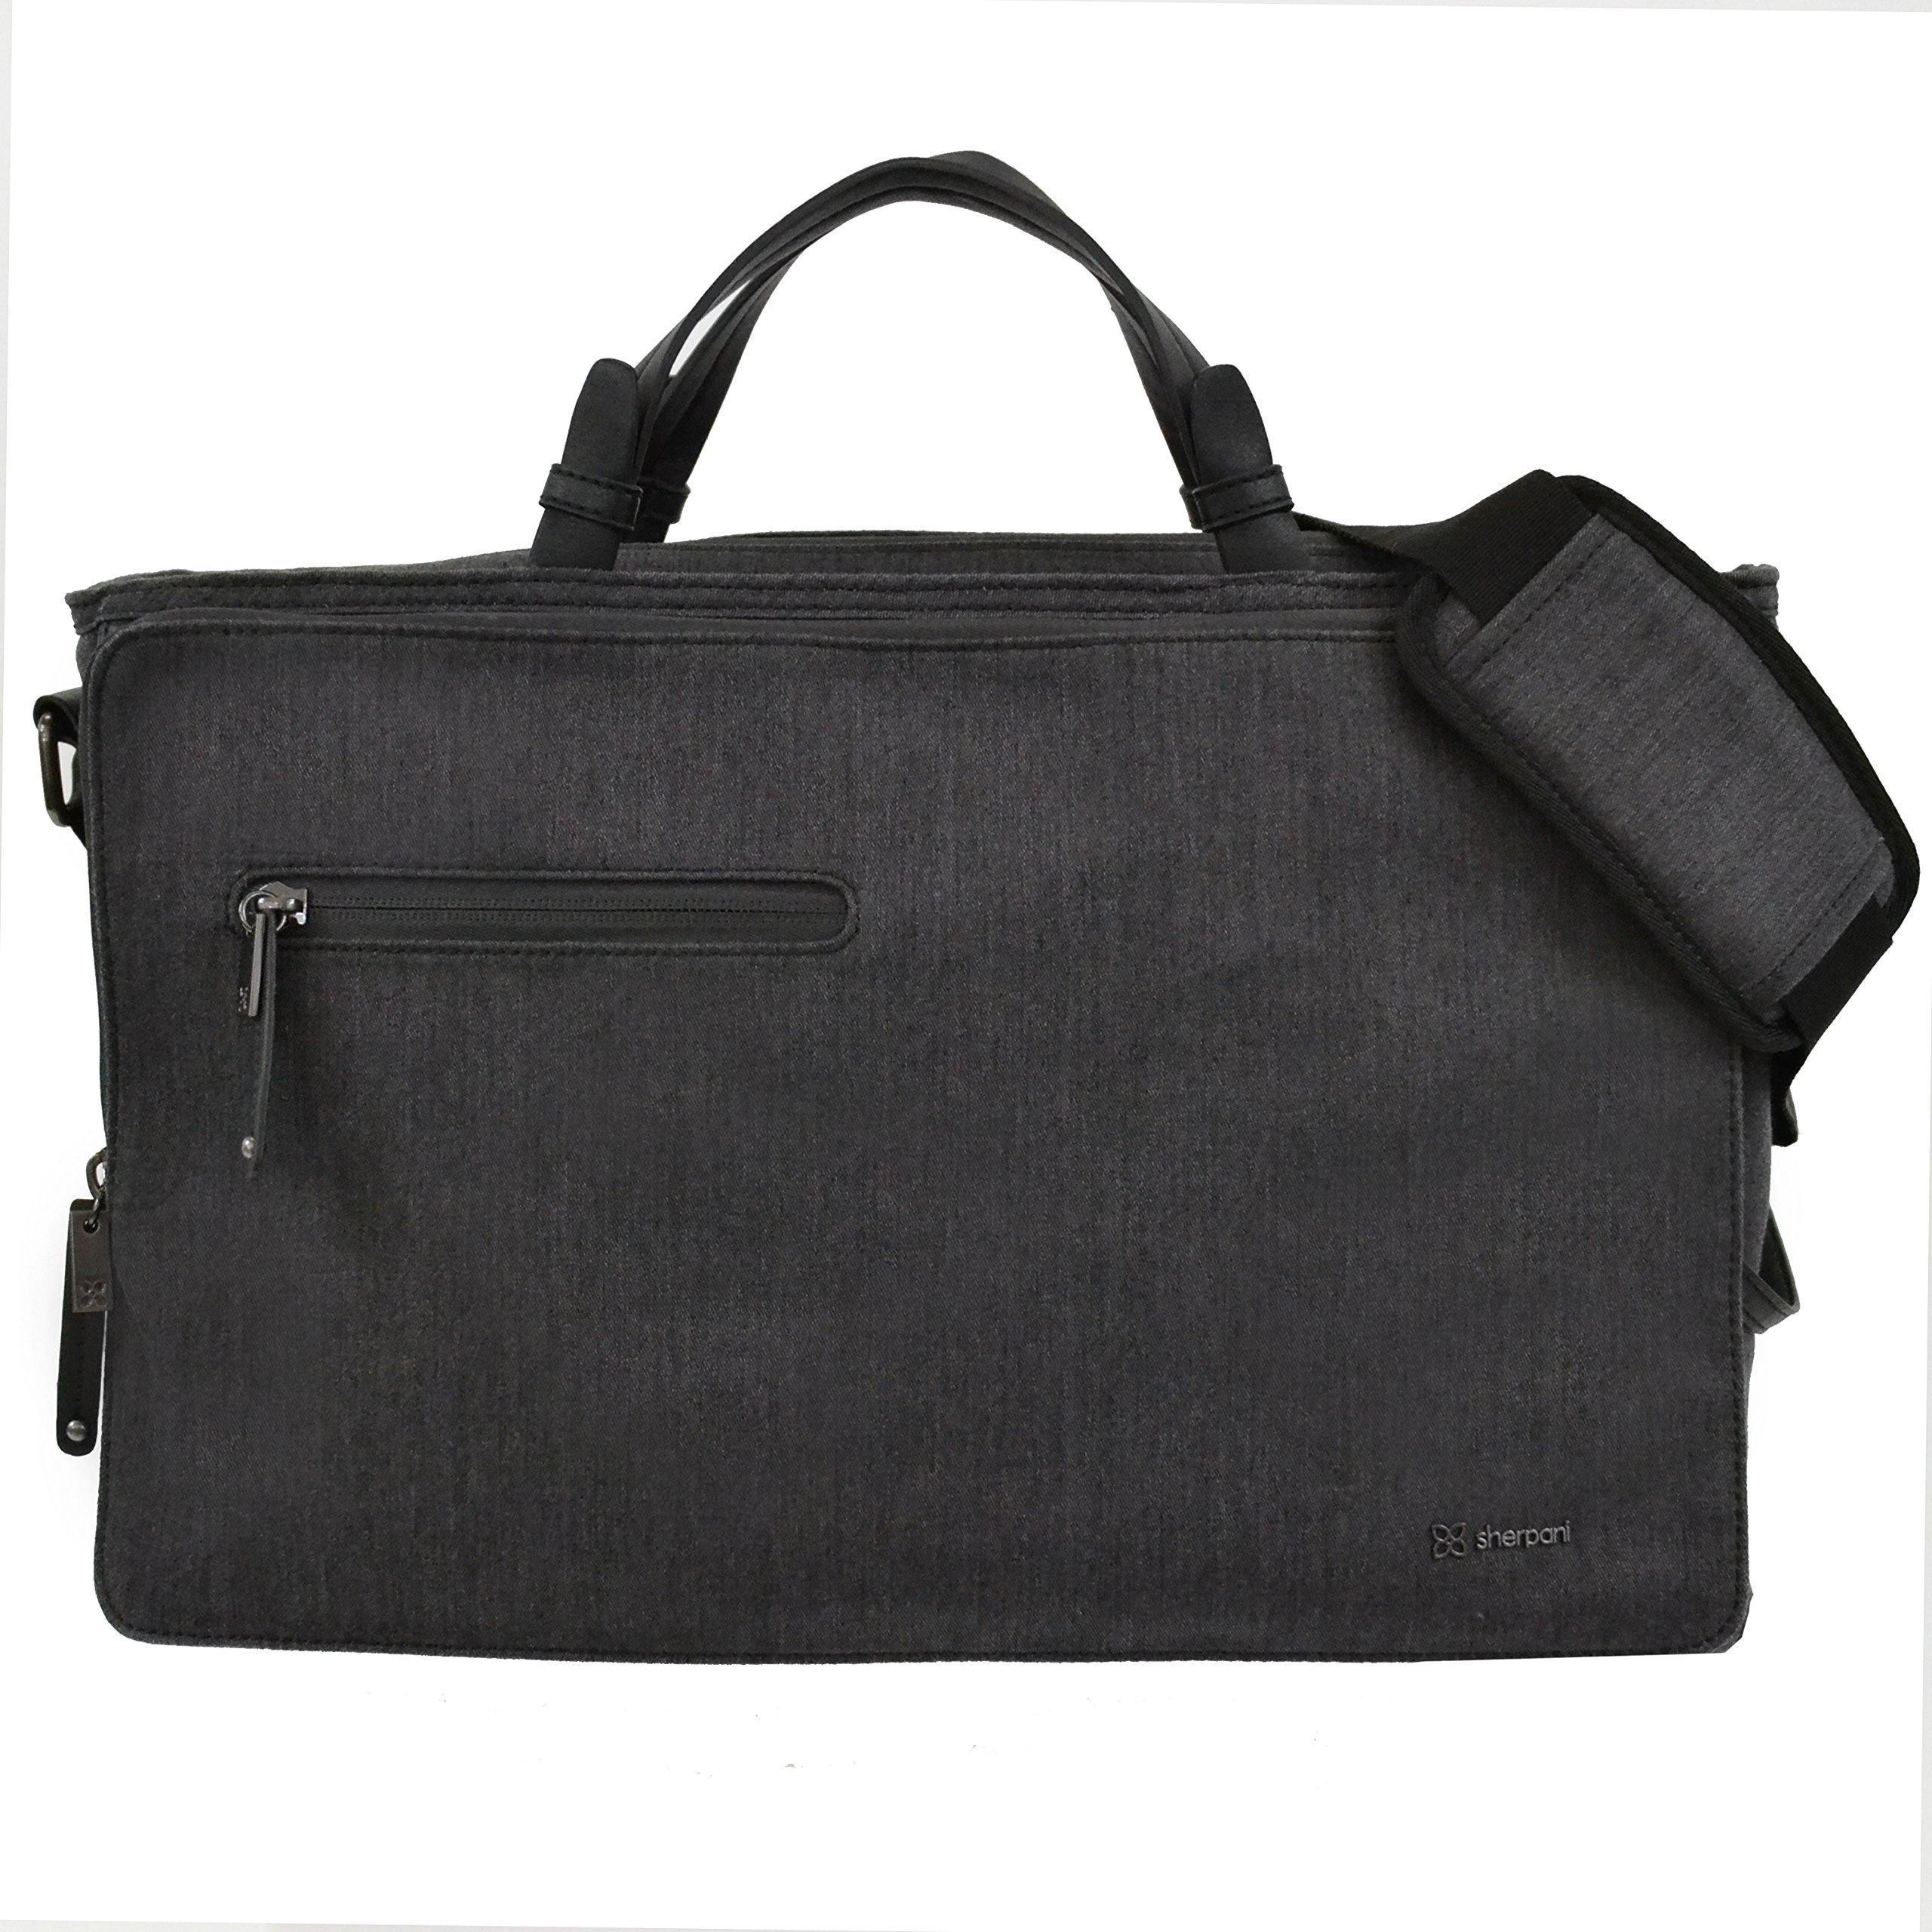 Sherpani Presta Messenger Bags, Black, One Size